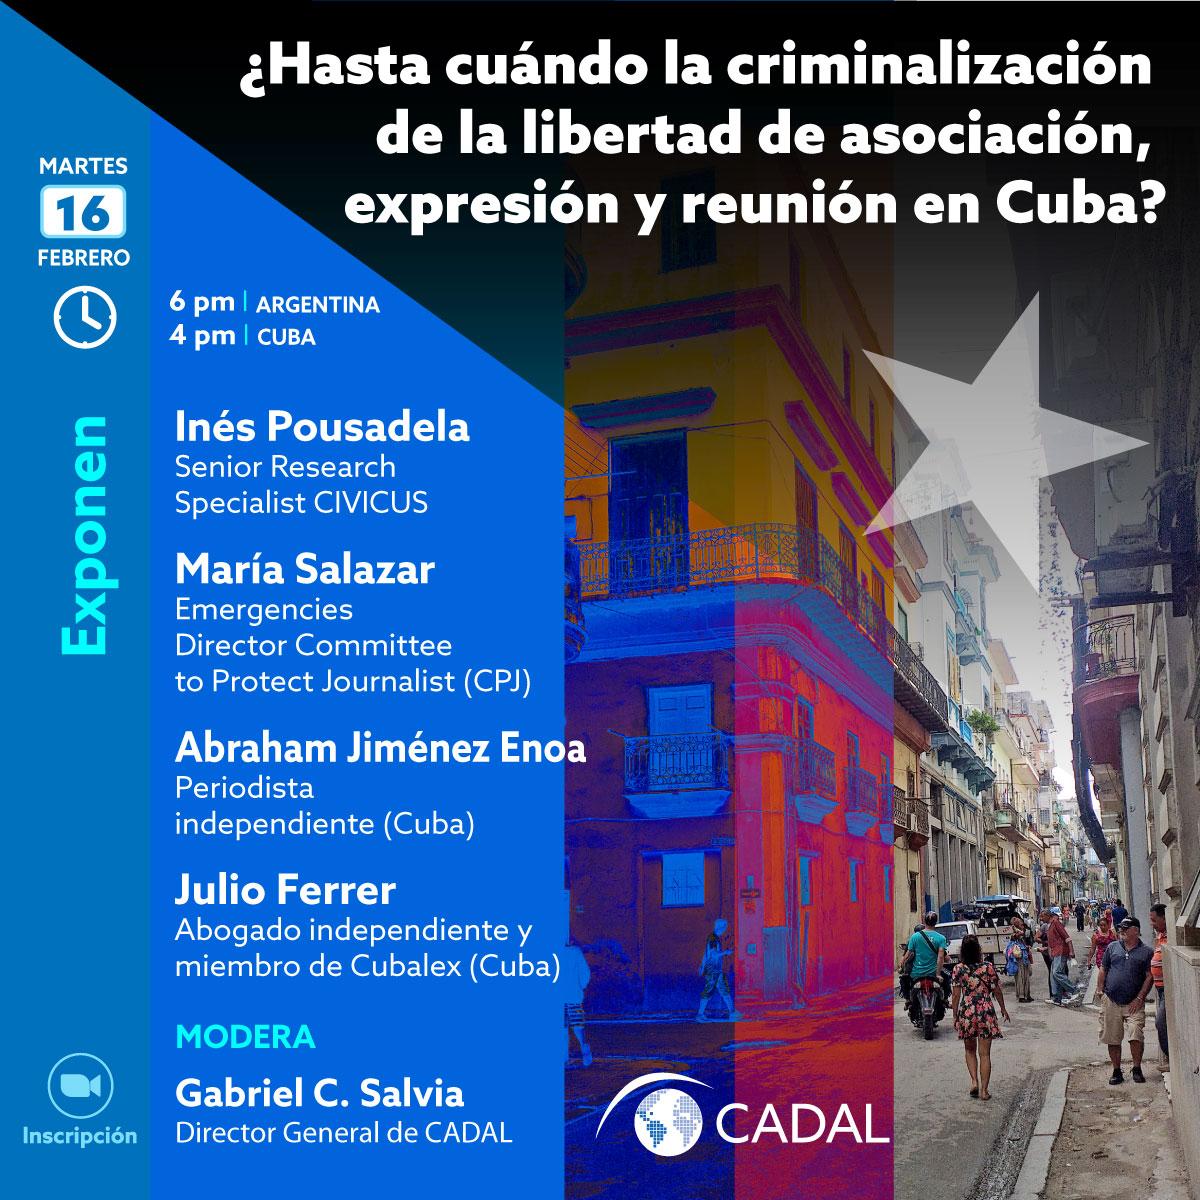 ¿Hasta cuándo la criminalización de la libertad de asociación, expresión y reunión en Cuba?